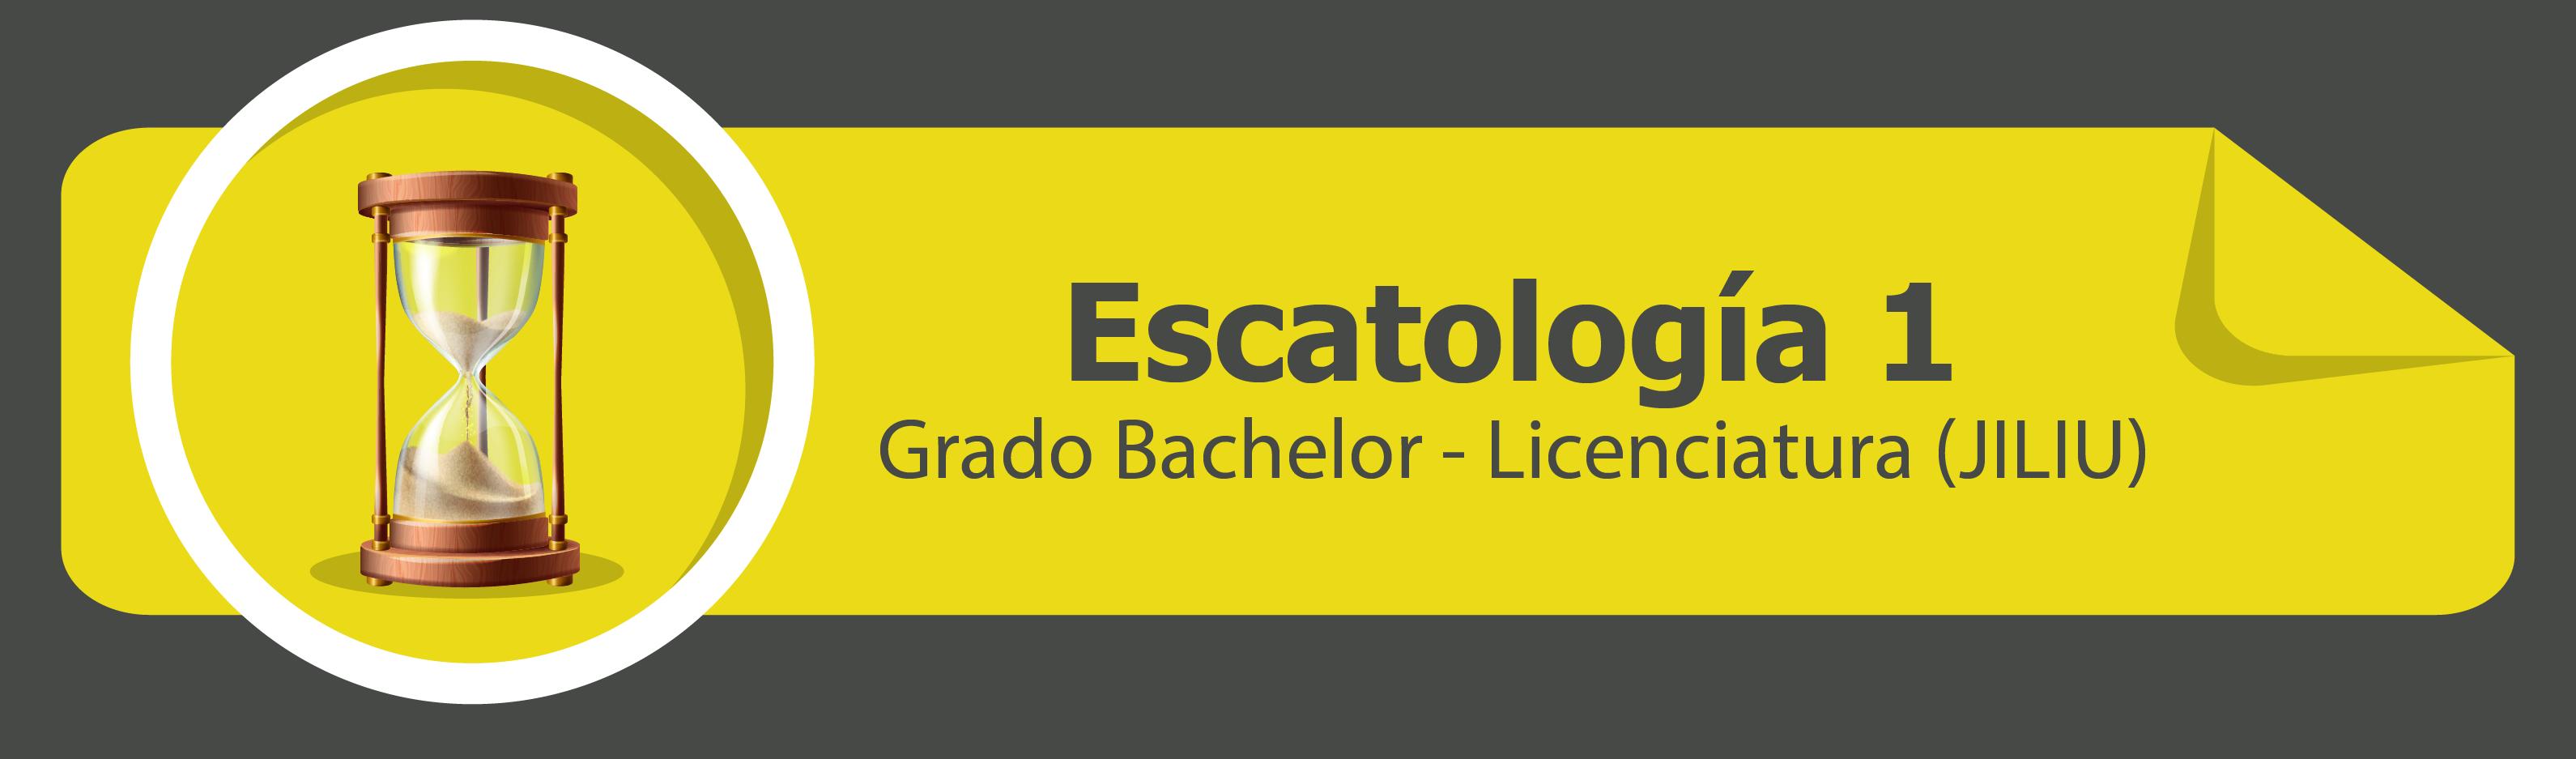 Escatología 1